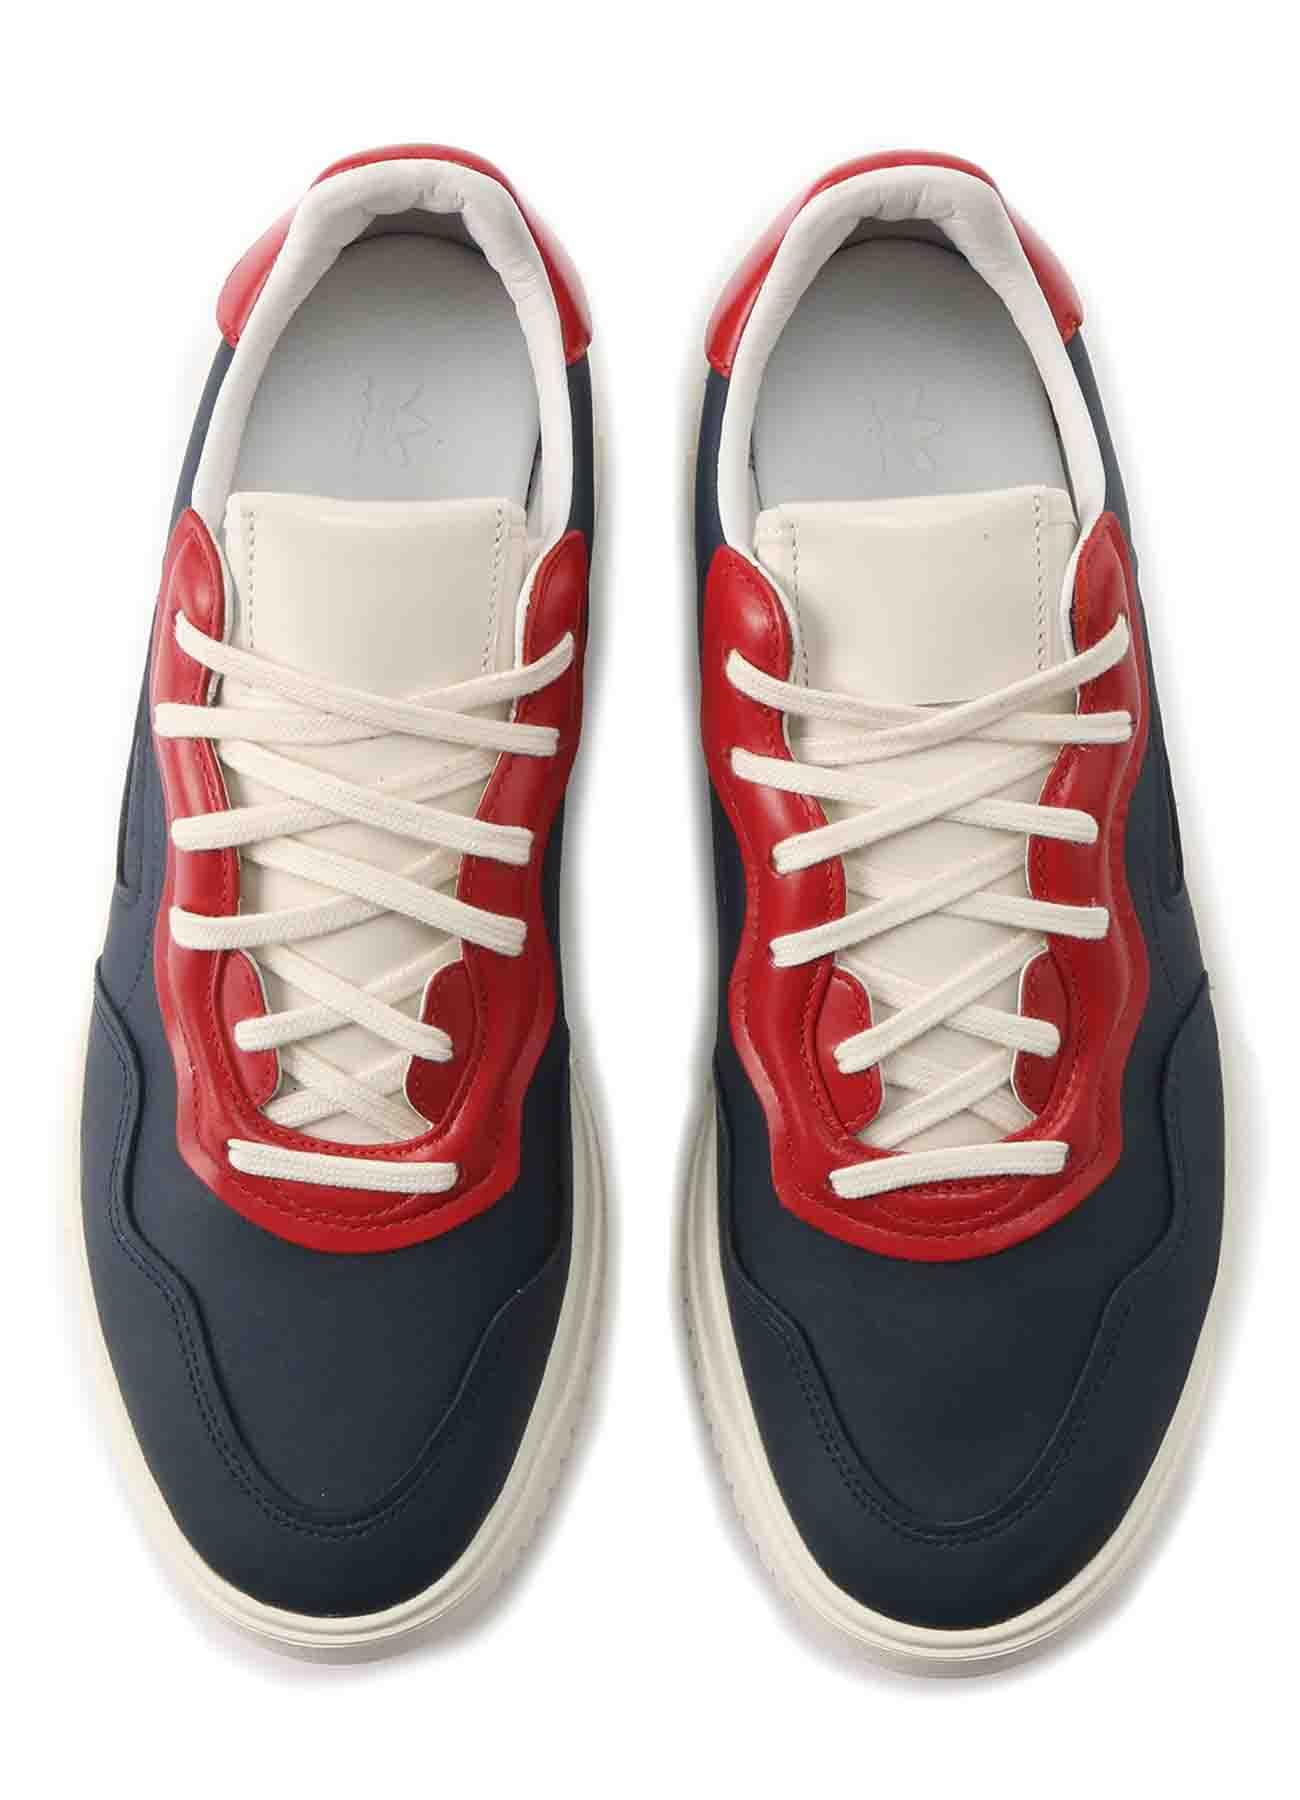 Yohji Yamamoto × adidas SC PREMIERE Navy